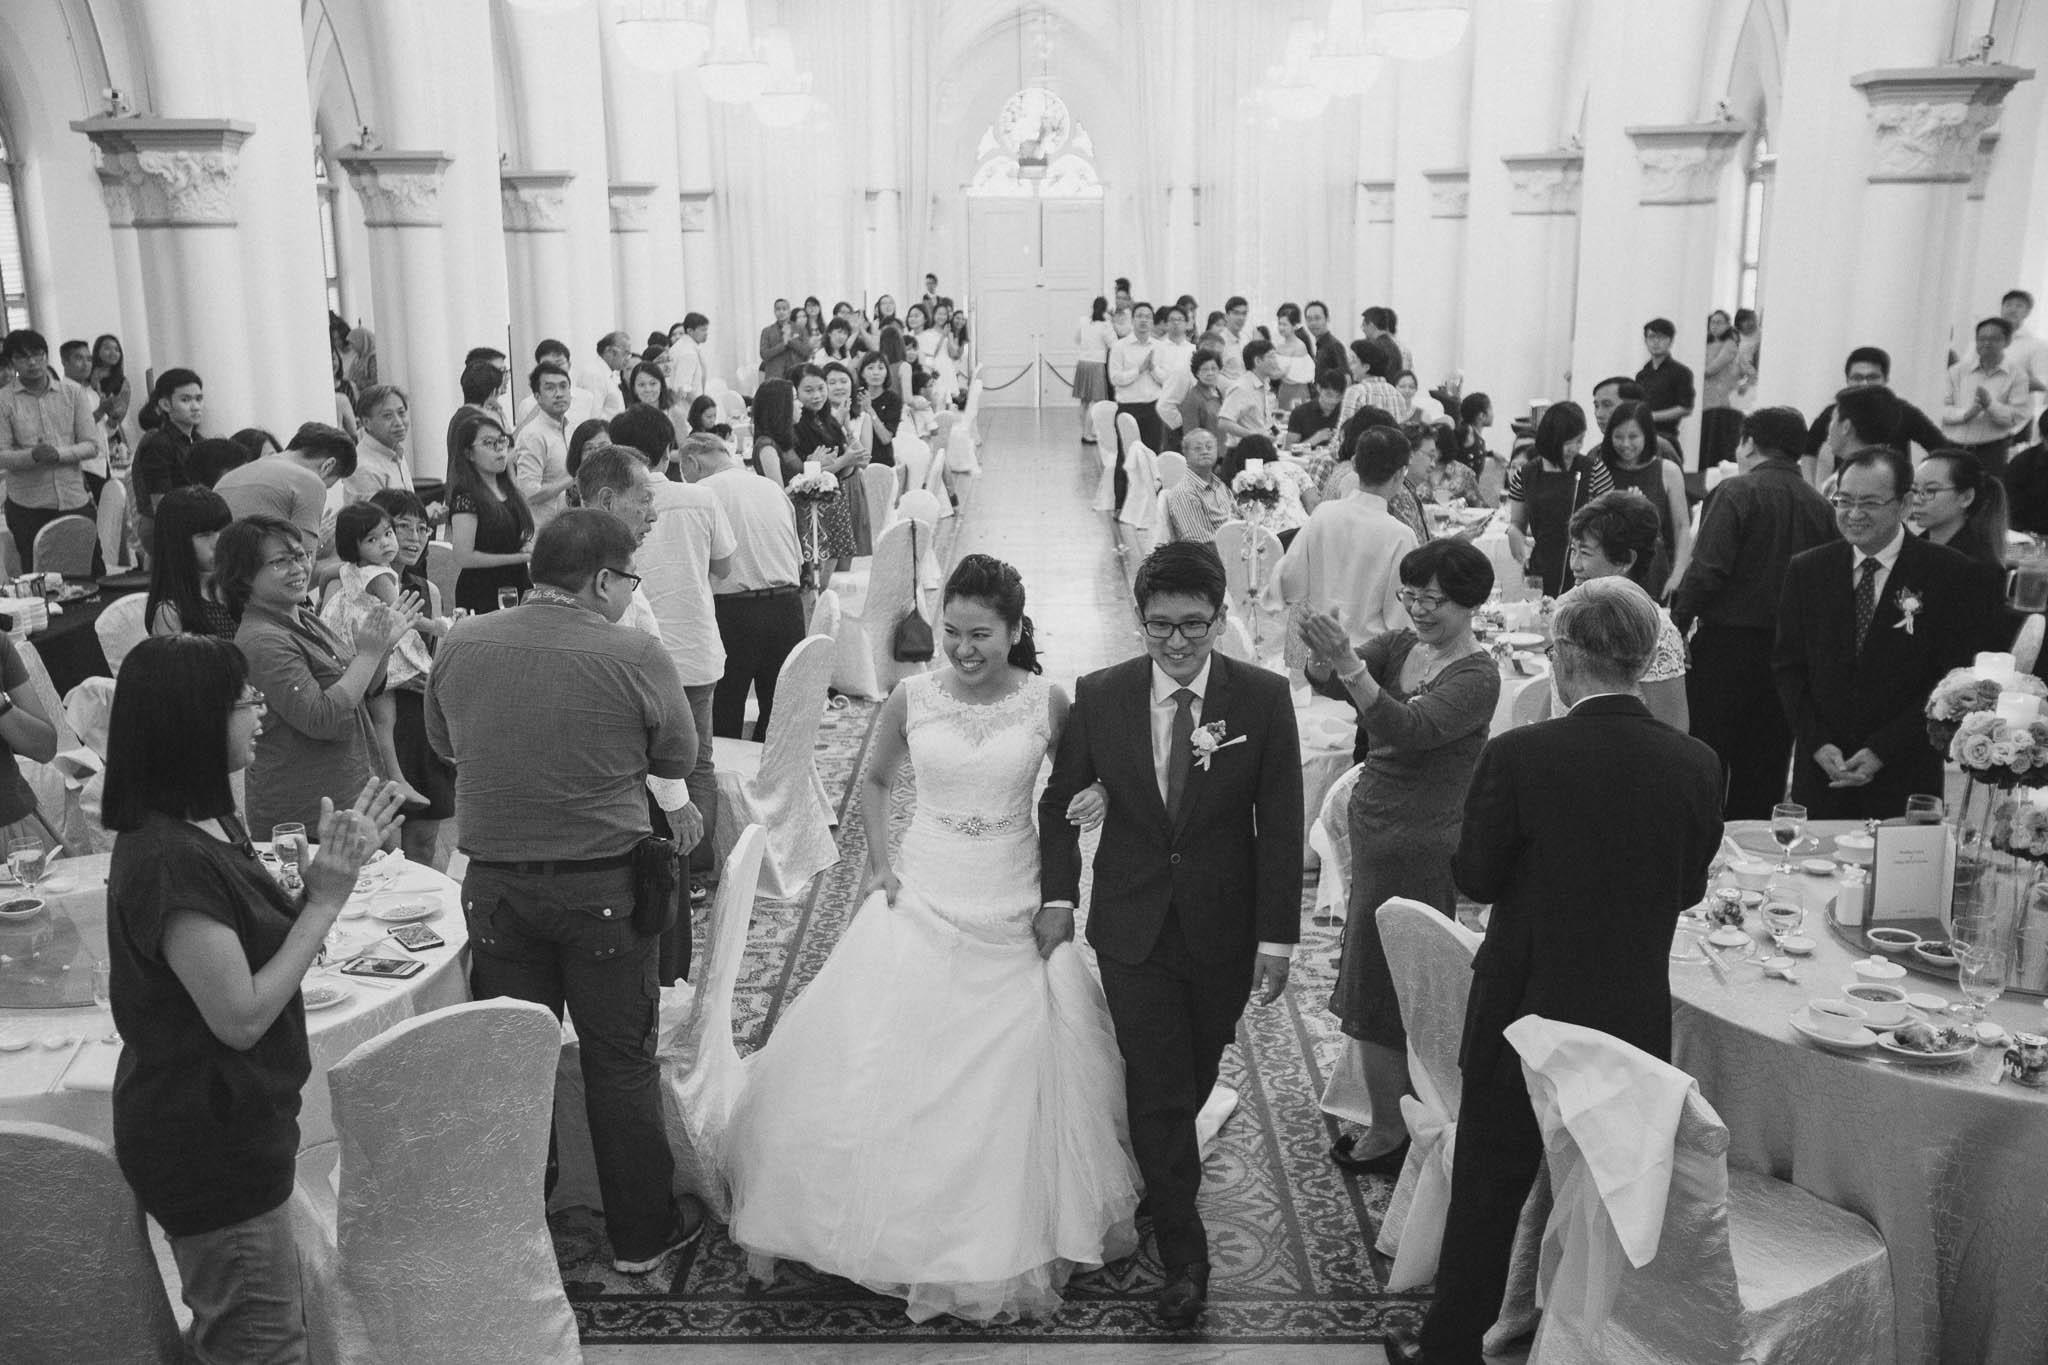 singapore-wedding-photographer-zhongwei-shihui-054.jpg